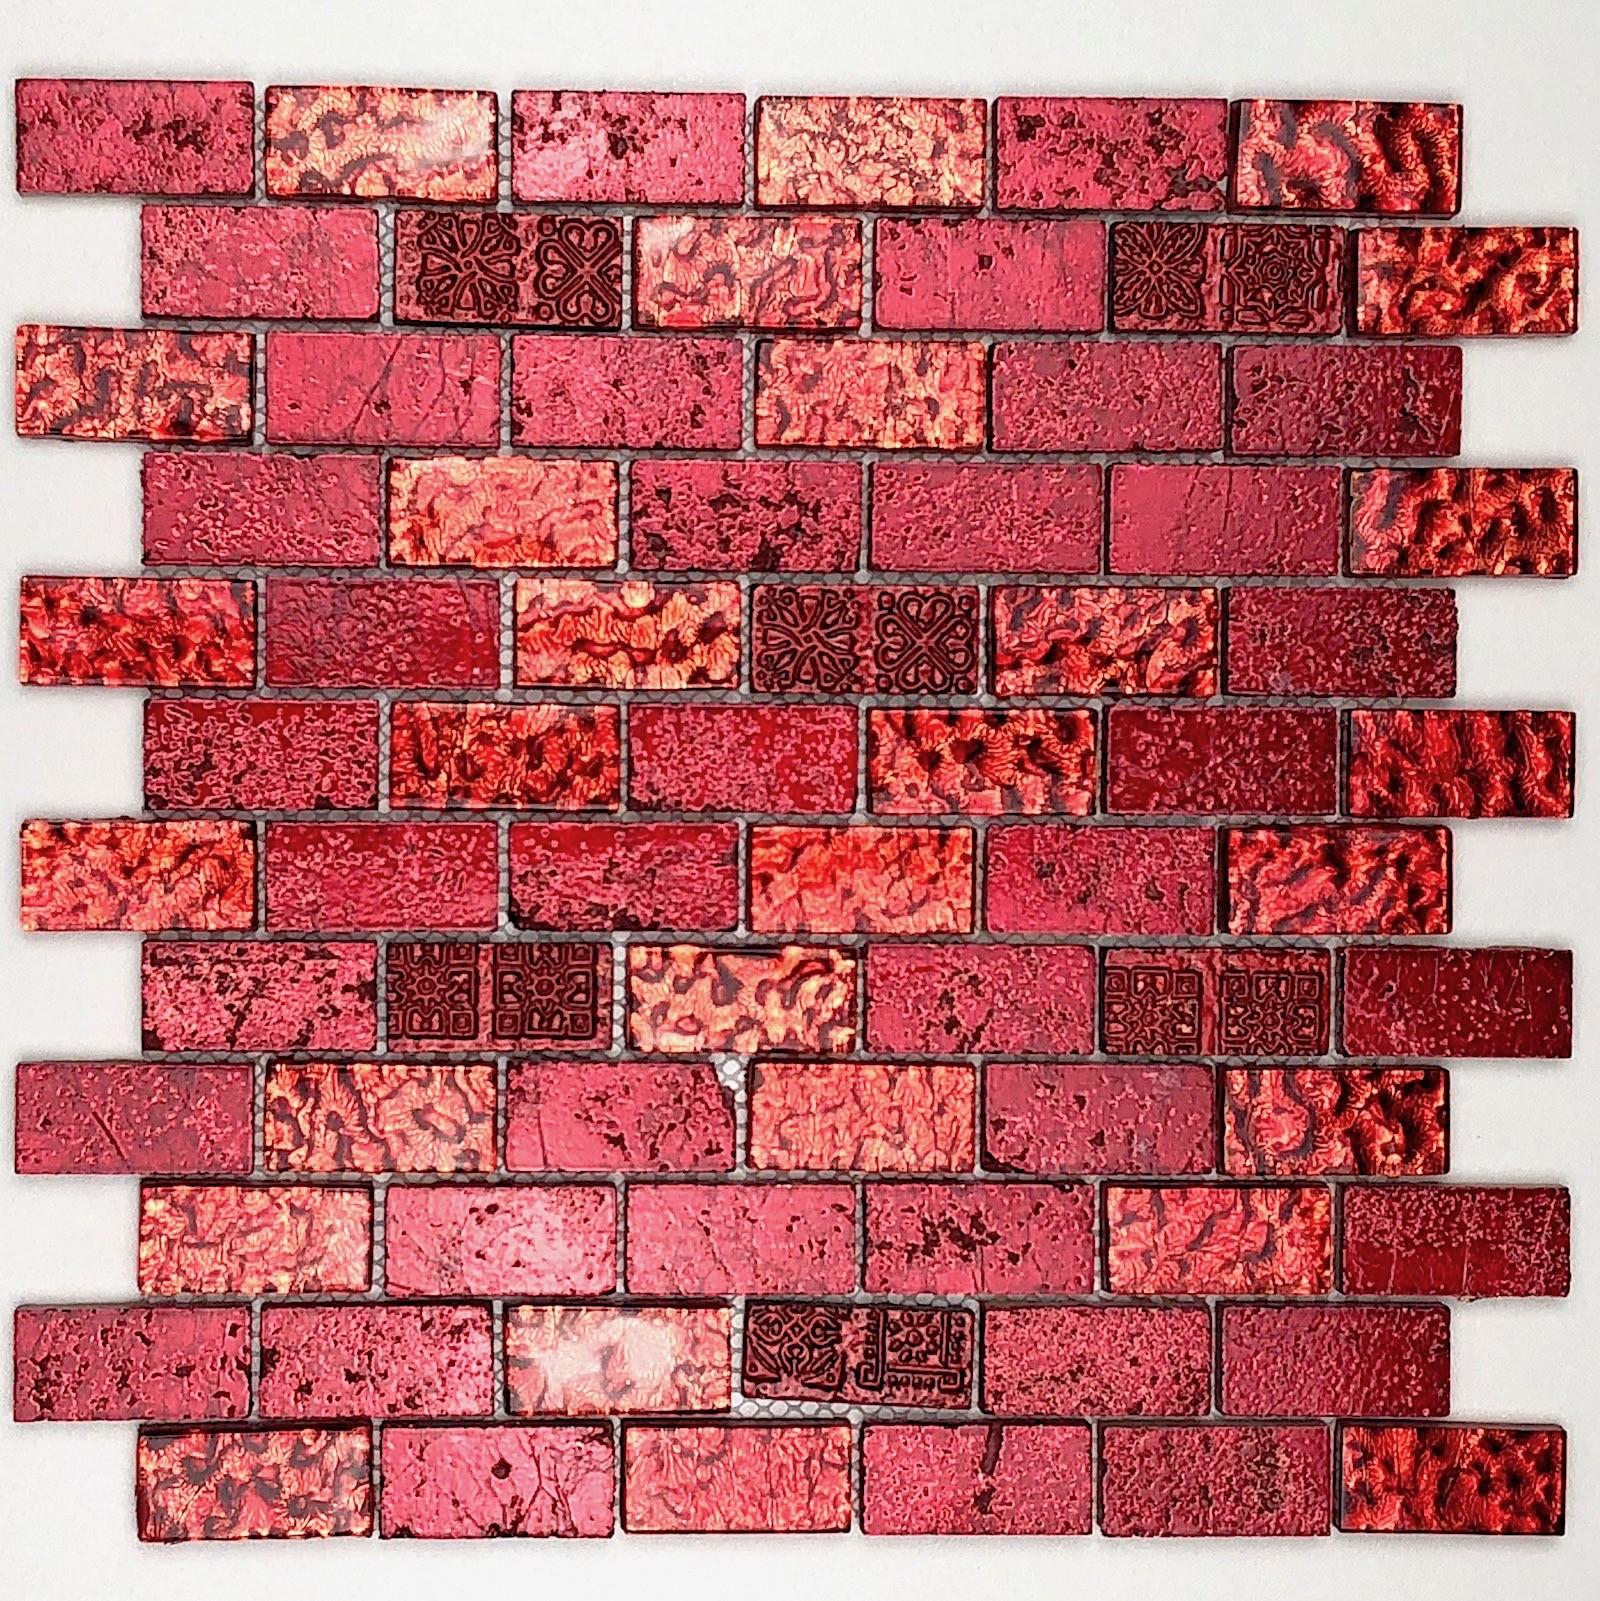 Carrelage mosaique mur salle de bain et douche mvp-metalbr-rouge ...